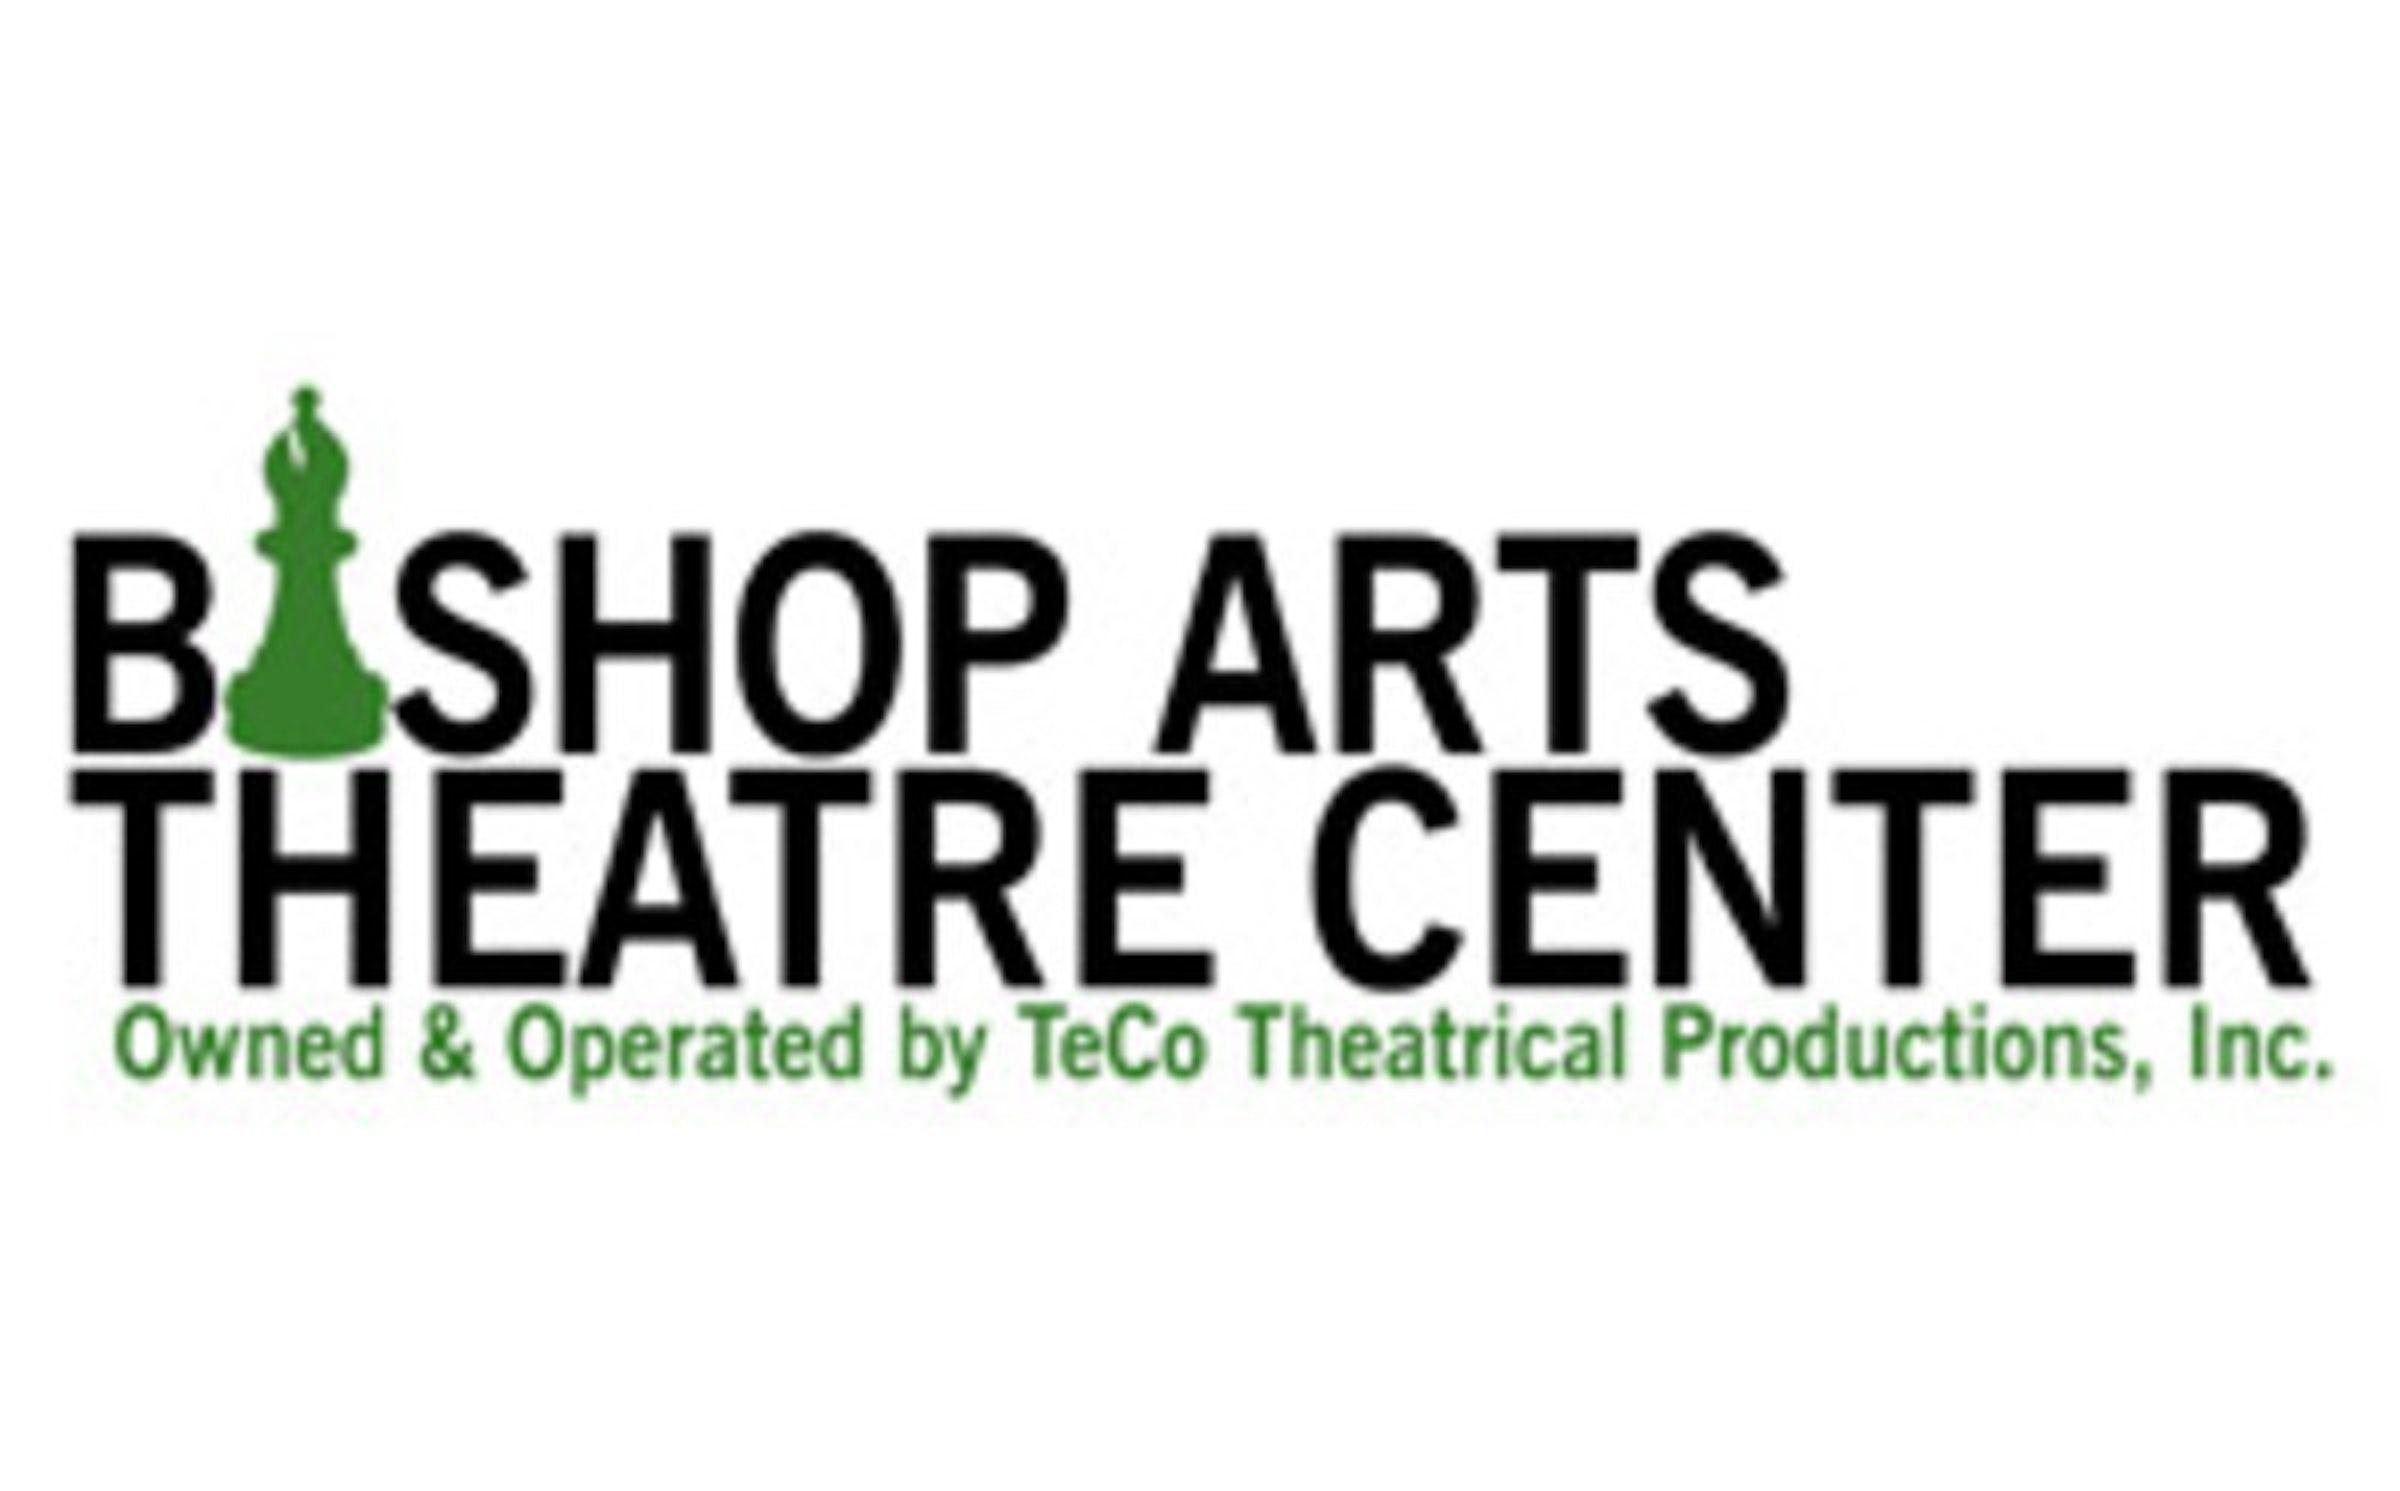 Bishop Arts Theatre Center in Beyond Dallas